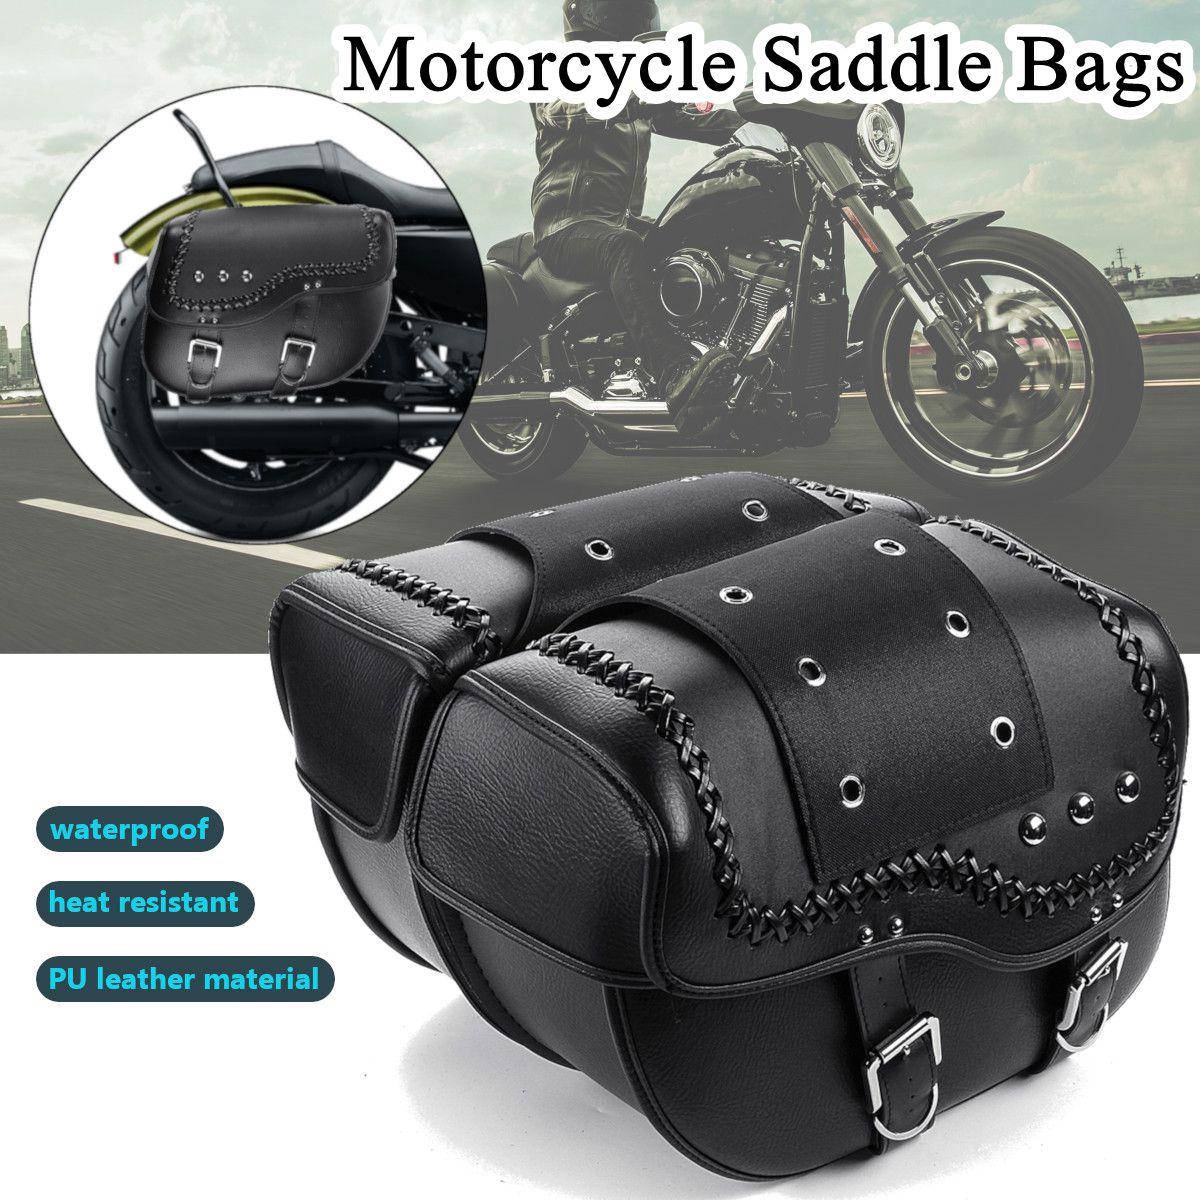 2 шт. универсальный из искусственной кожи подсидельная мотоциклетная сумка для Harley Sportster XL883 XL1200 для Honda Для Suzuki для Kawasaki для Yamaha